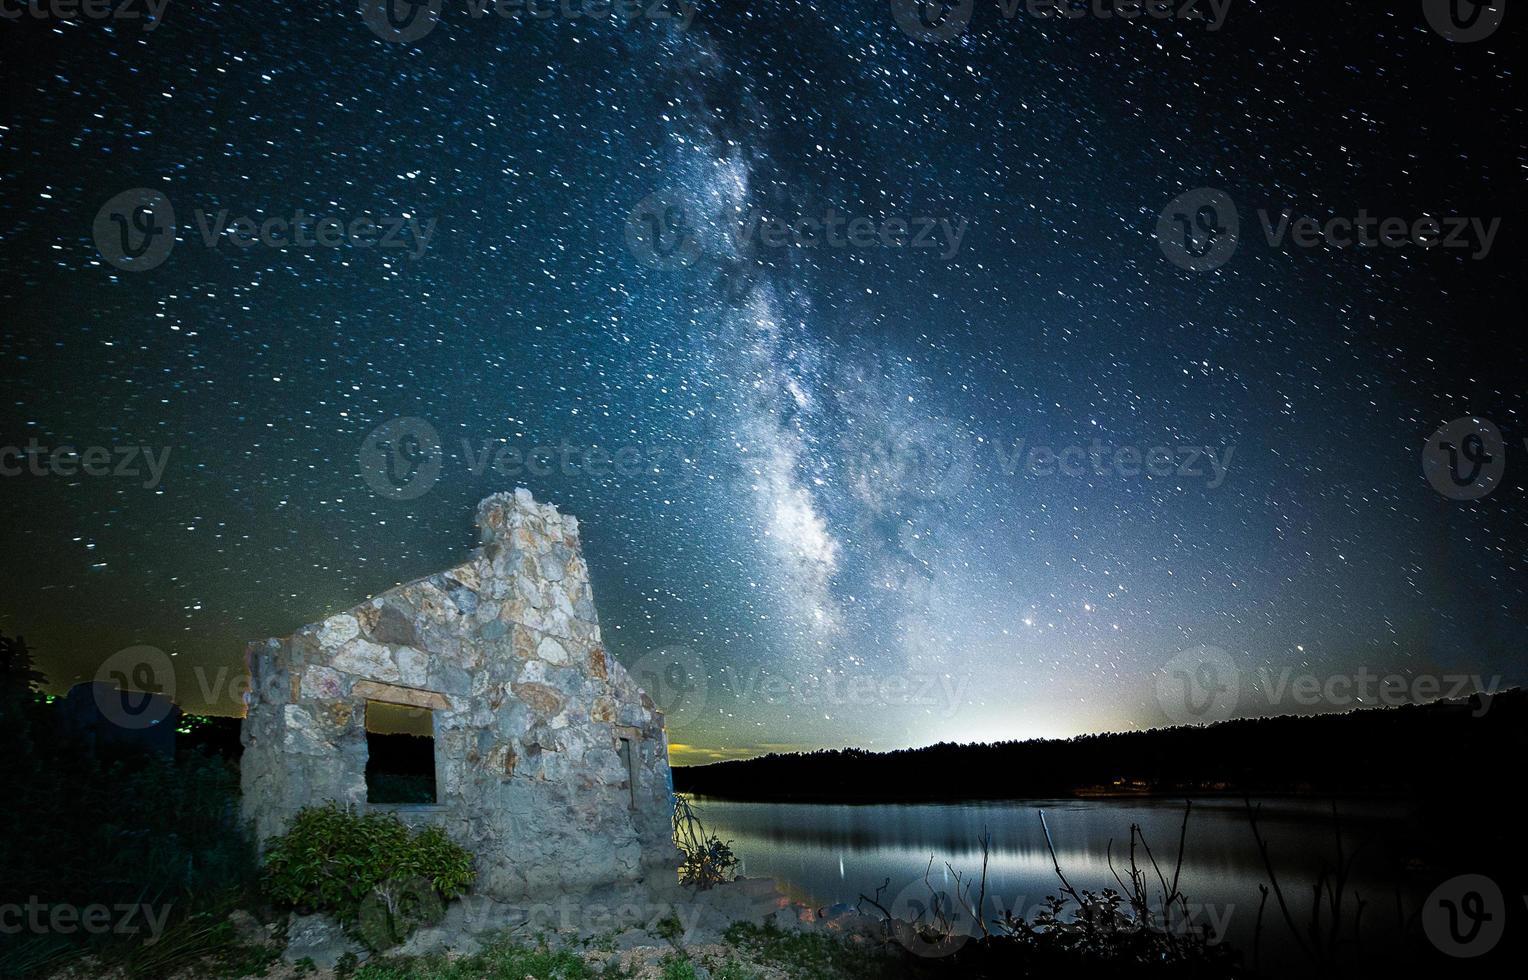 galassia della Via Lattea che brilla luminosa sopra la casa foto